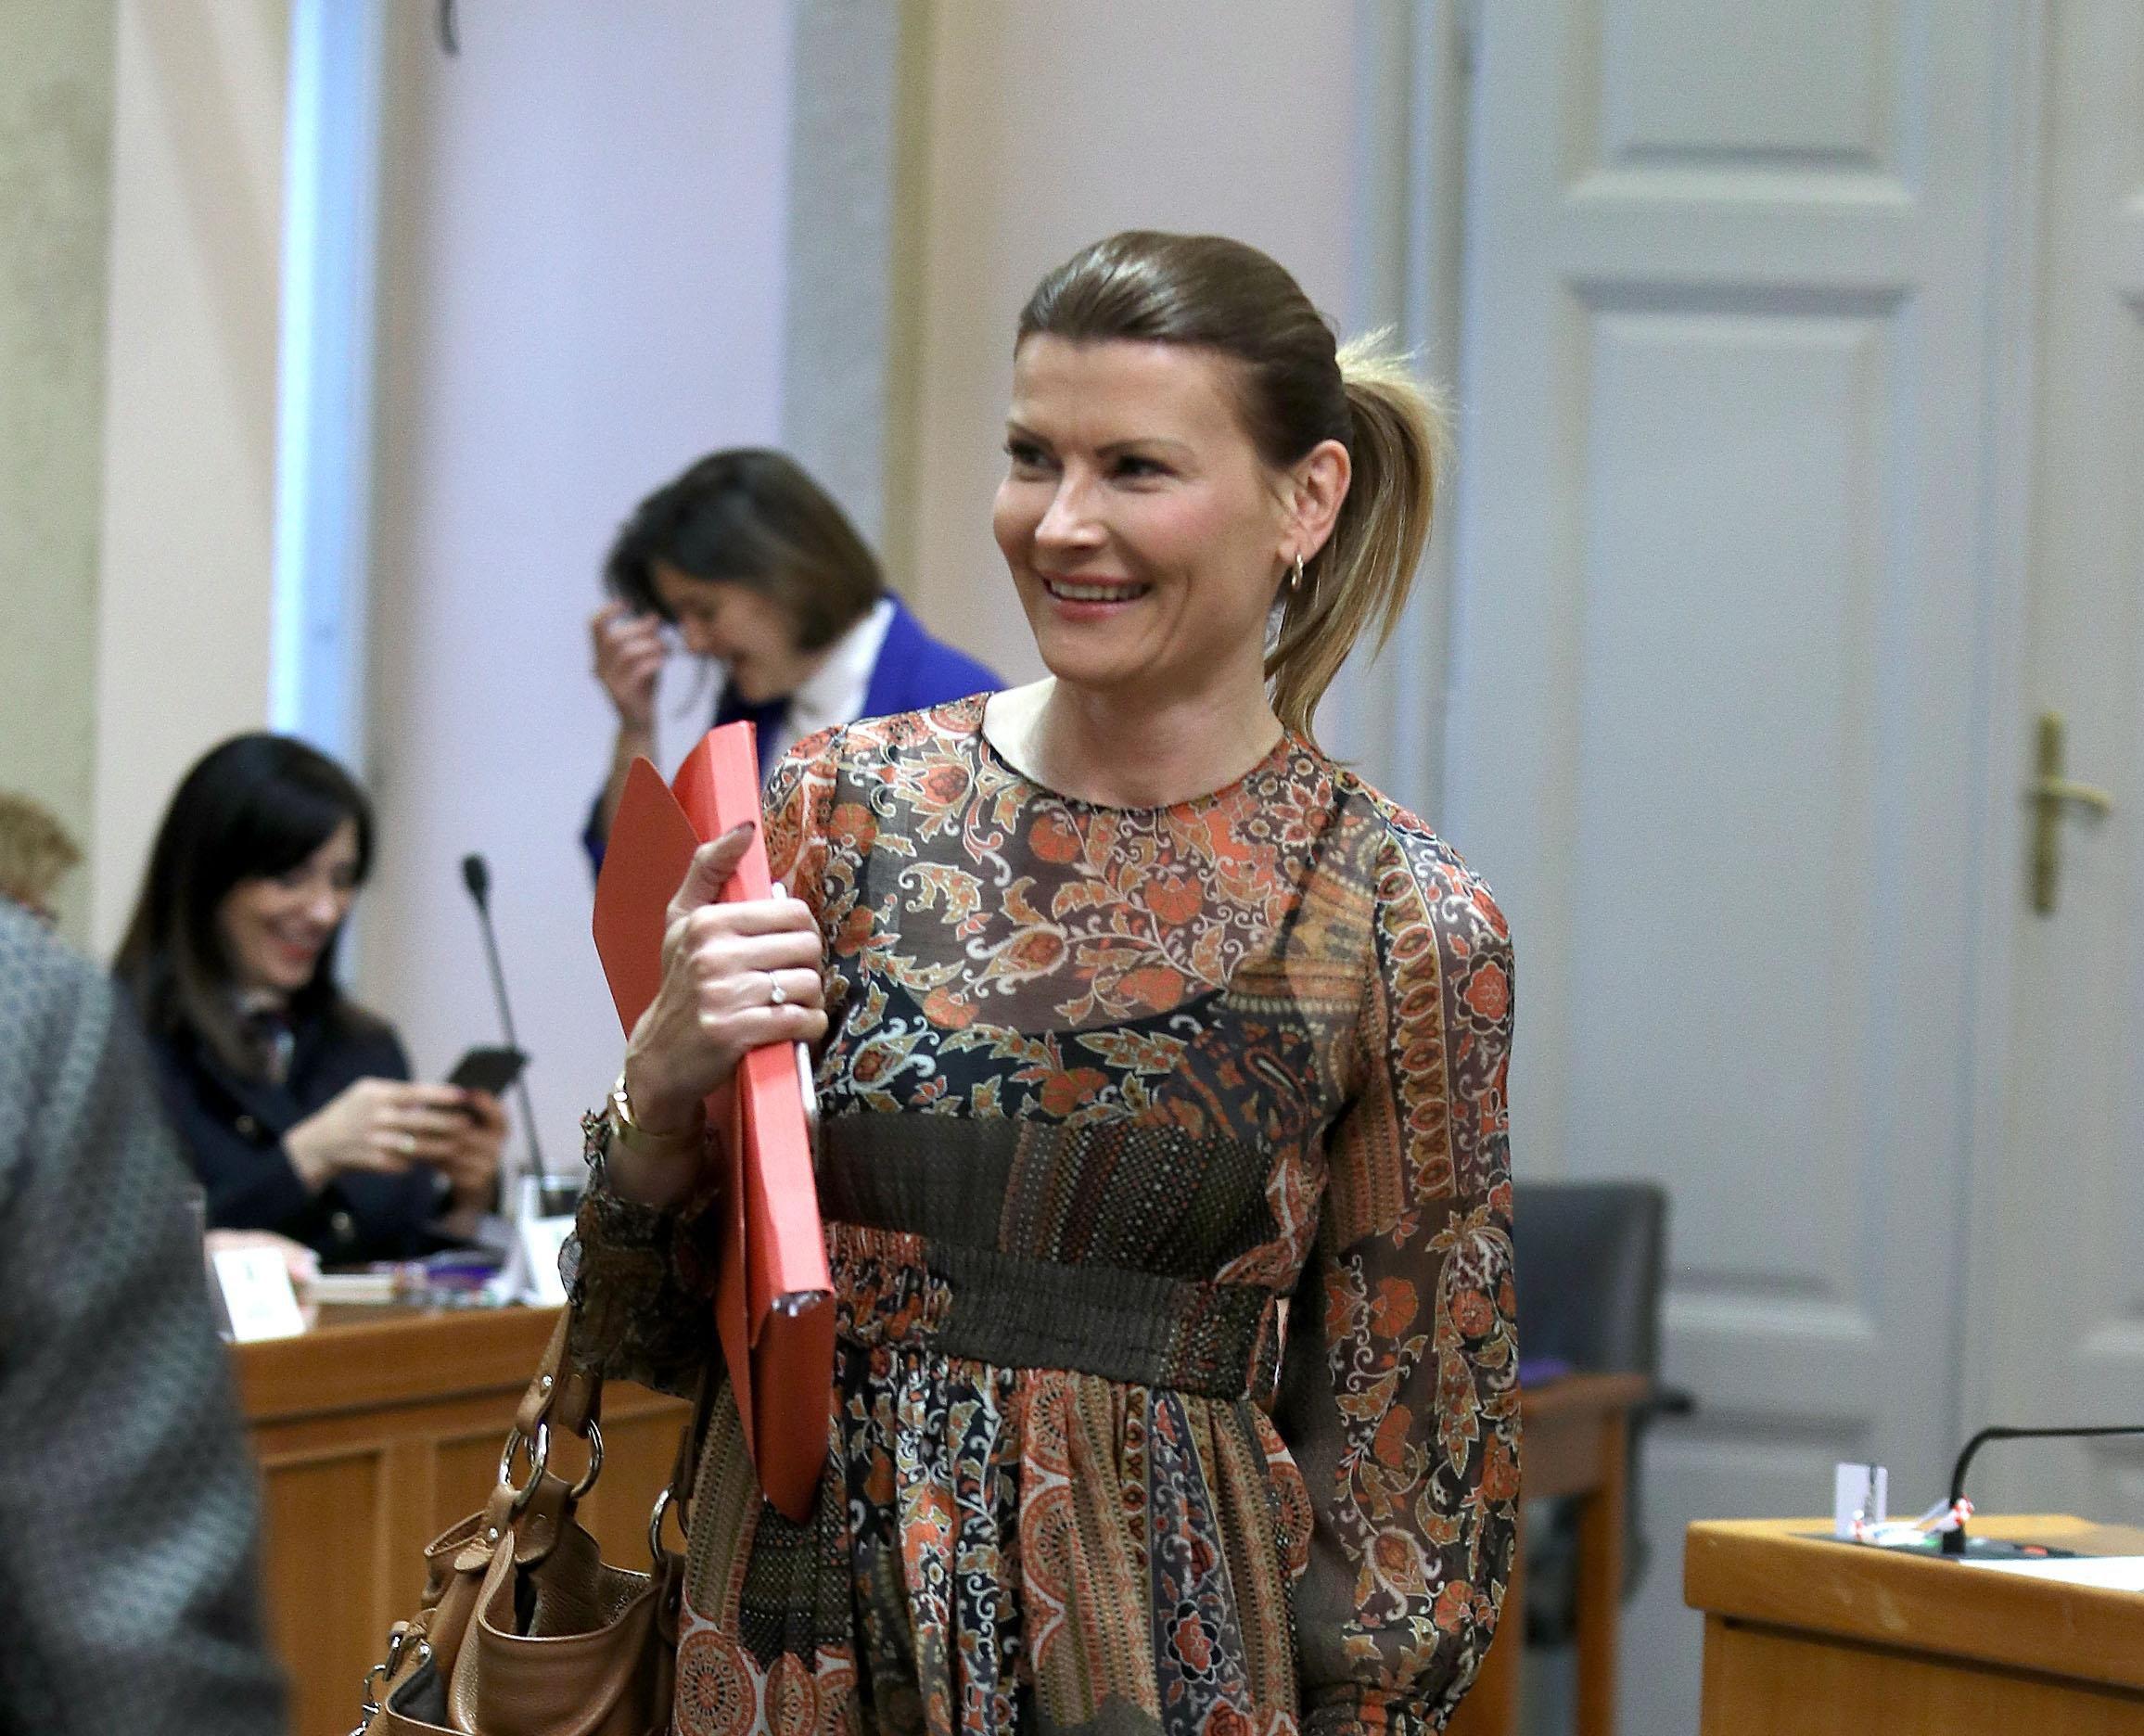 Saborska zastupnica Sabina Glasovac osvježila radni dan divnom haljinom